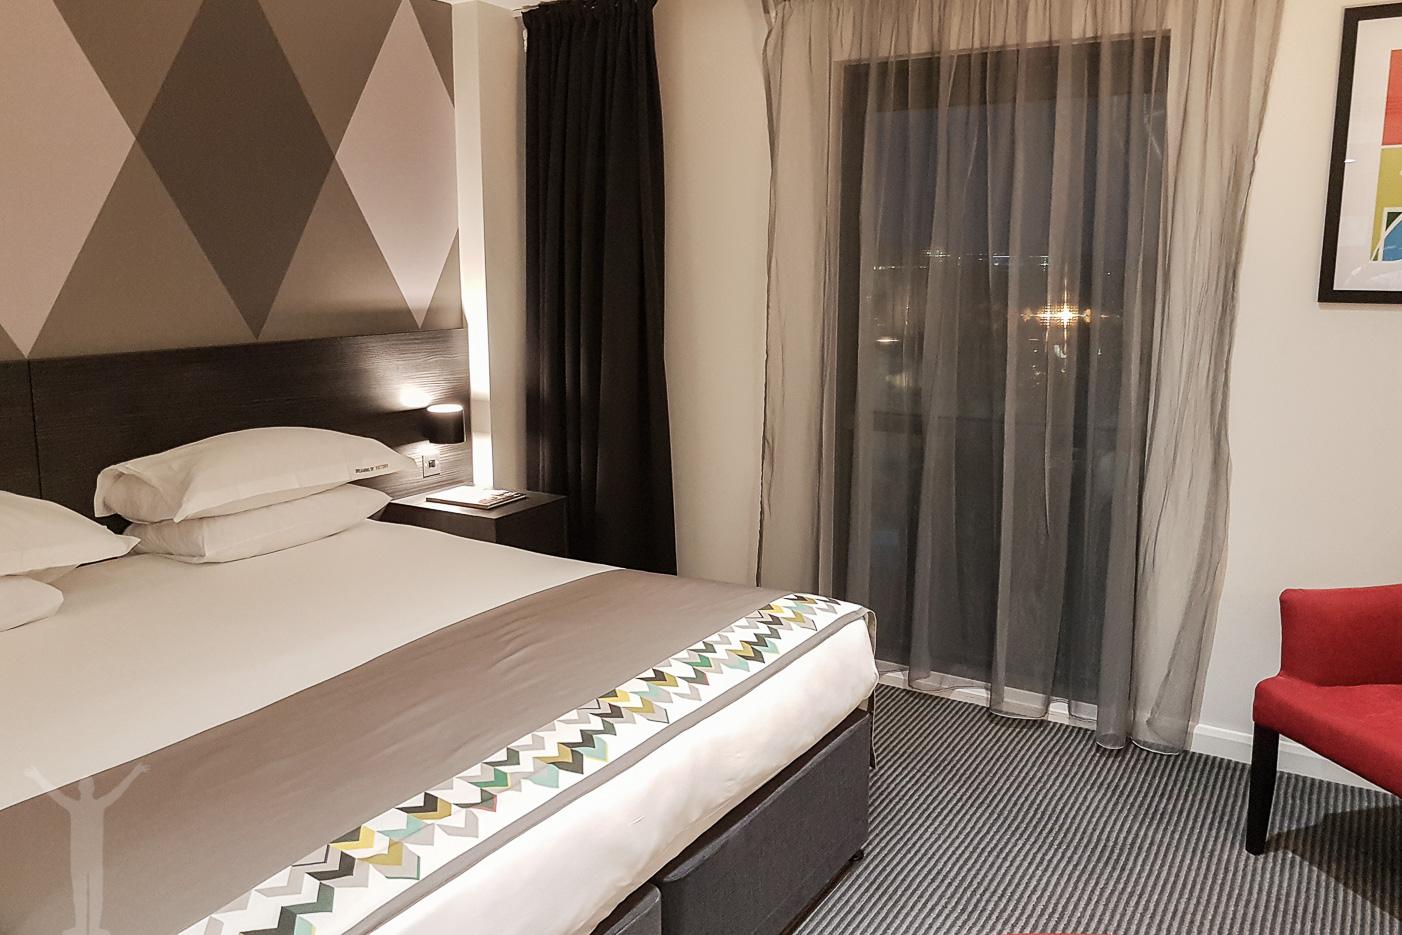 Årets hotell? Hotel Football, Old Trafford, Manchester